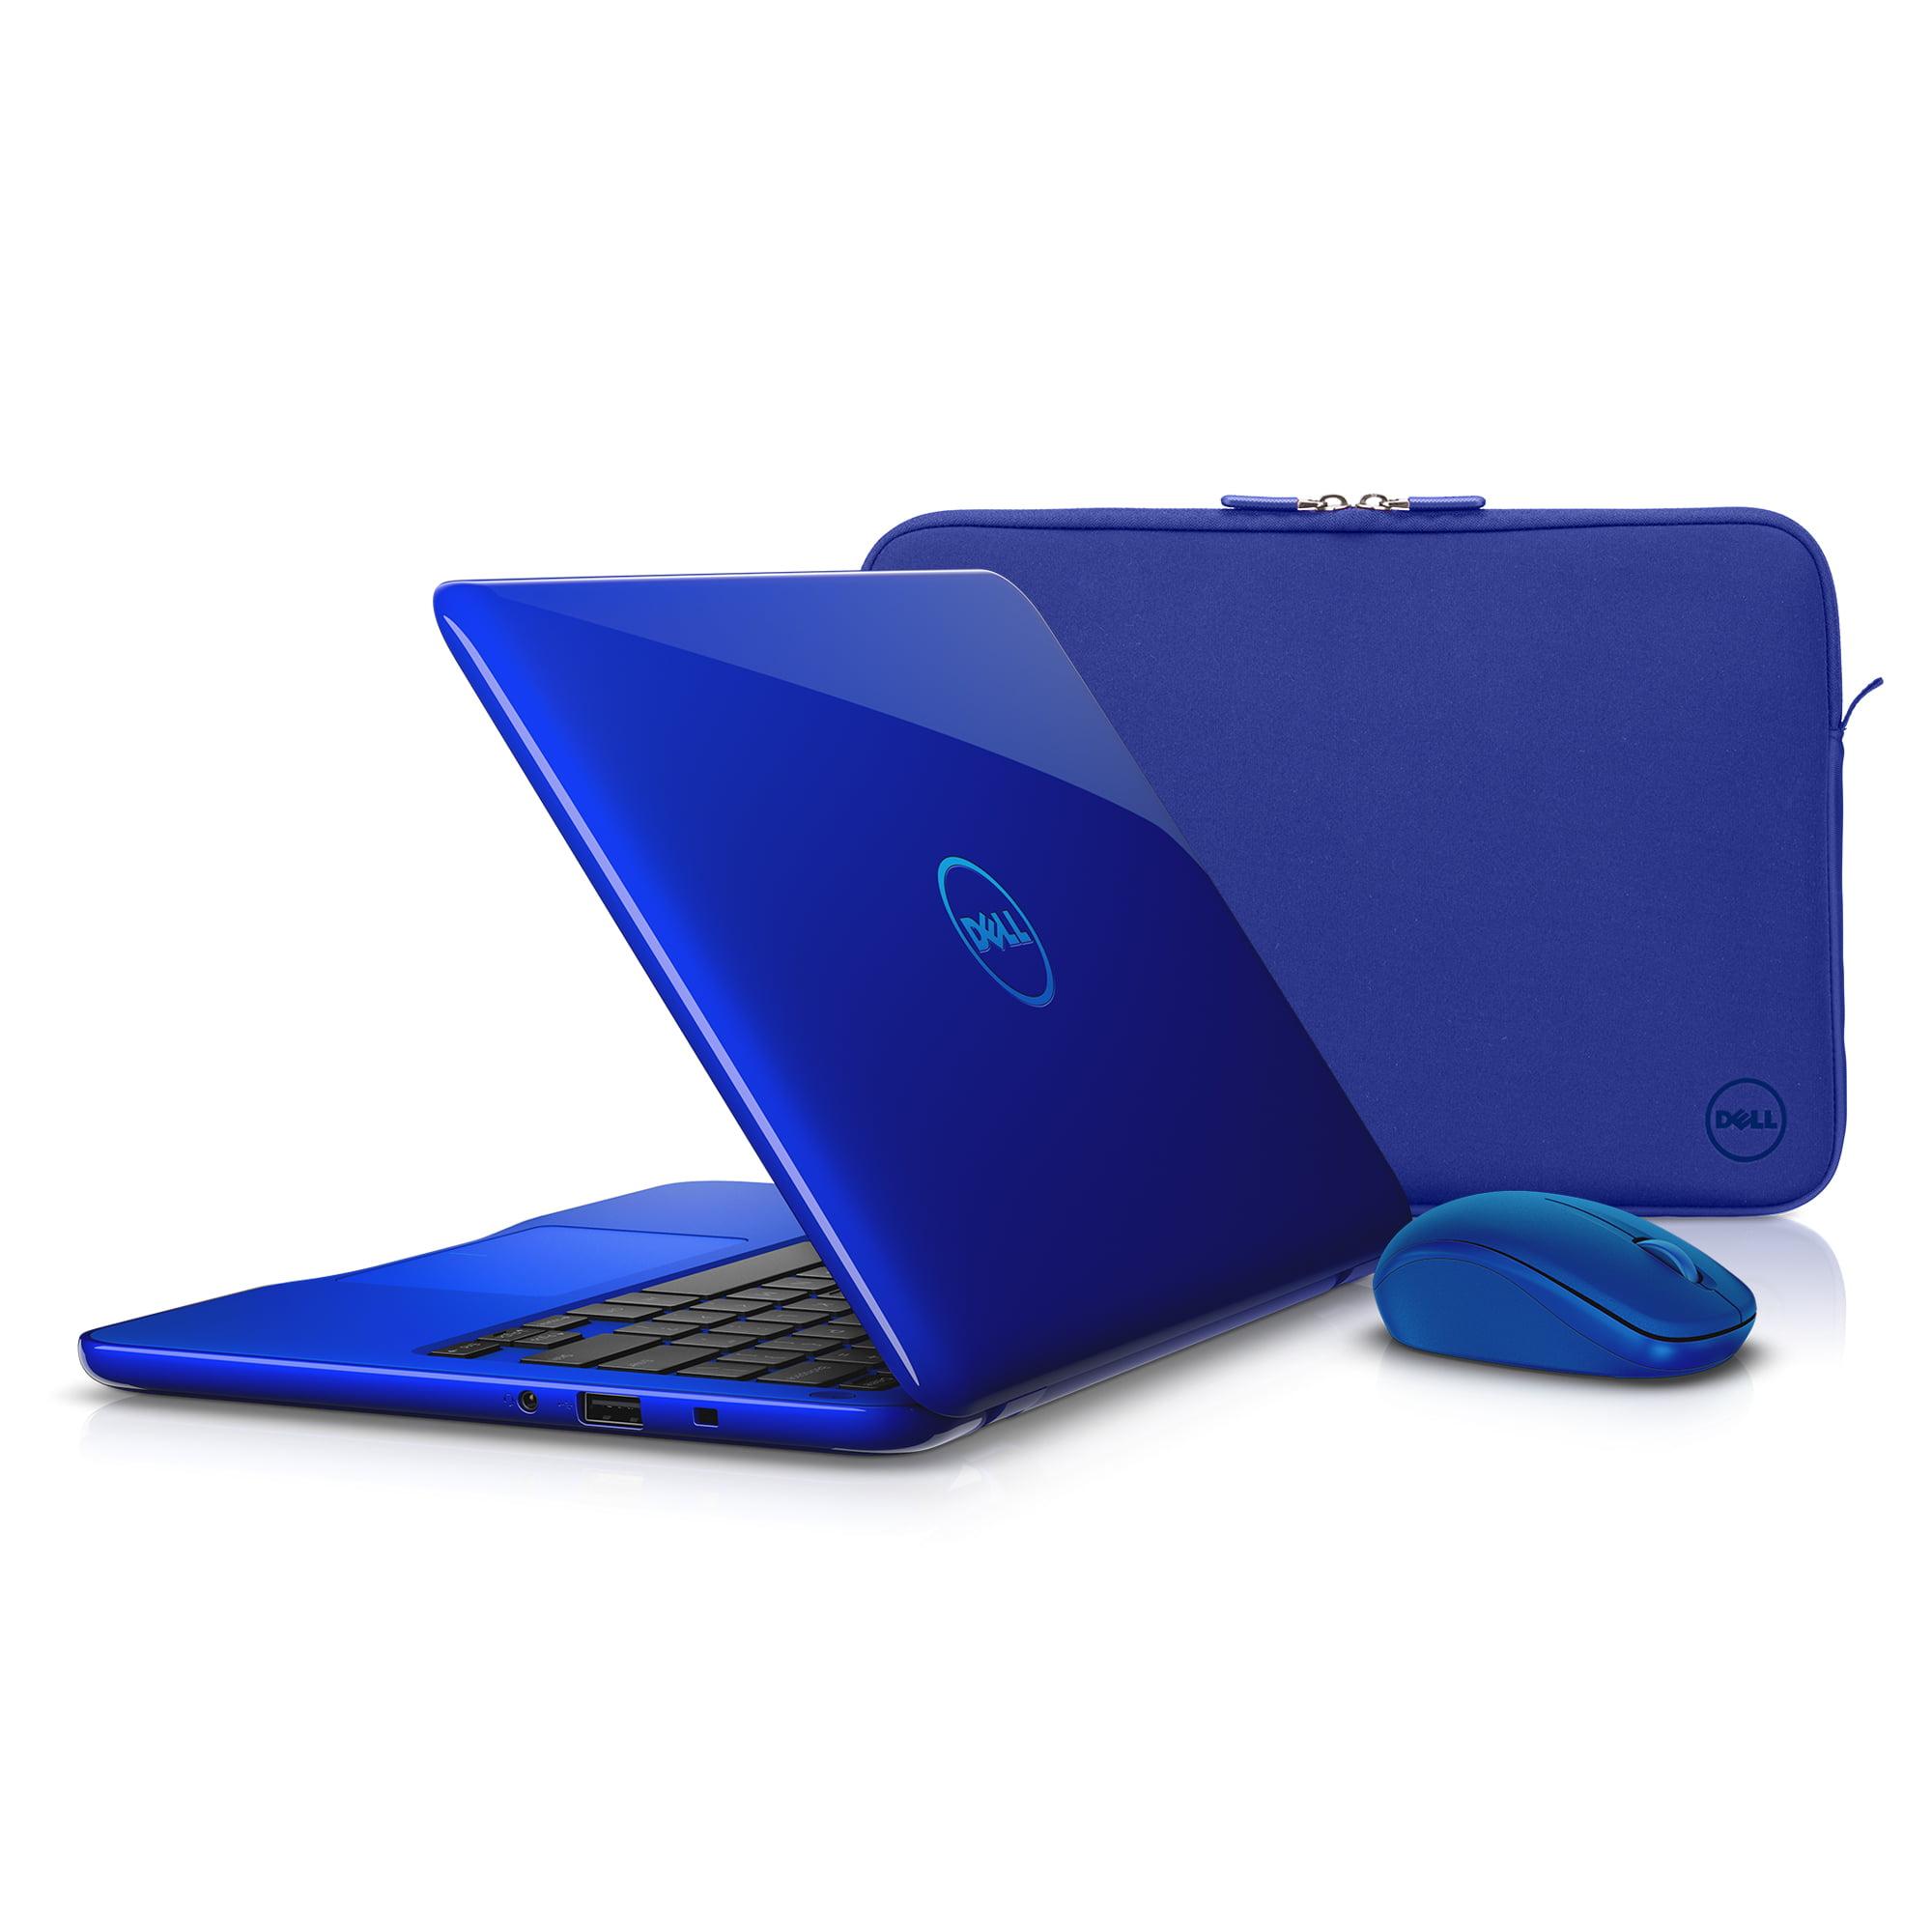 HP Envy 13 AB064TU Laptop